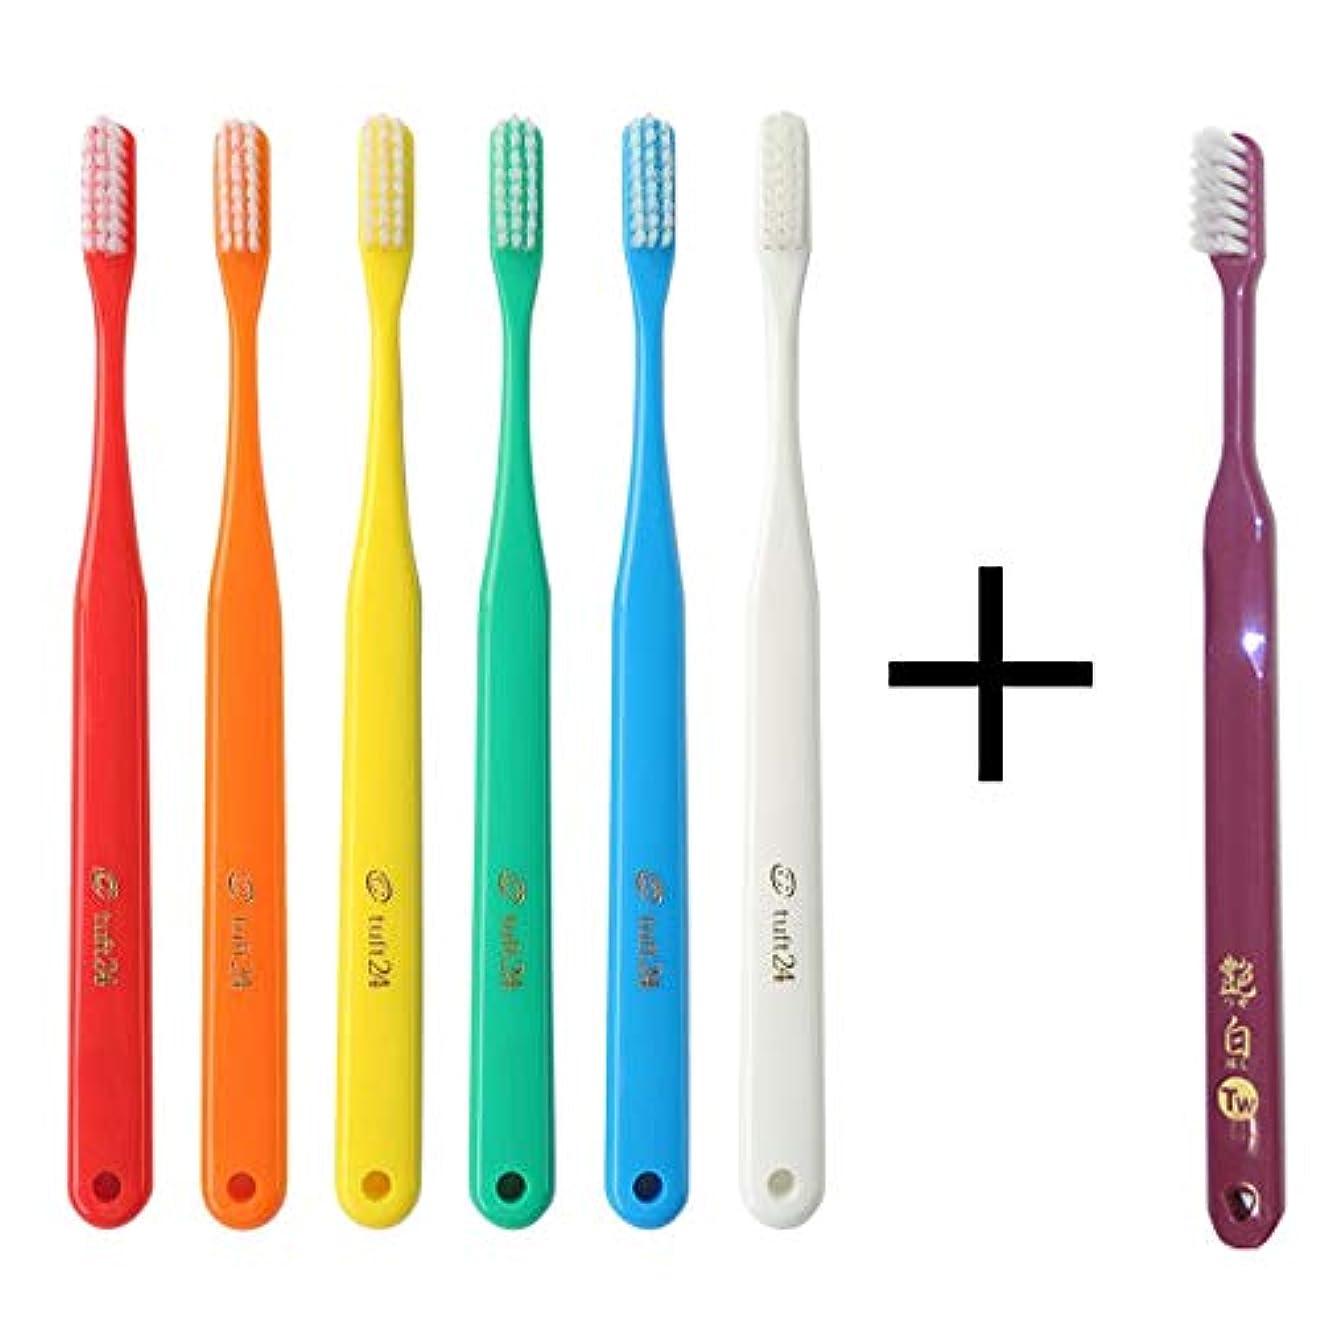 みぞれボールペストキャップなし タフト24 歯ブラシ × 25本入 M (アソート) + 艶白 ハブラシ (日本製) ×1本 MS(やややわらかめ) 大人用歯ブラシ 歯科医院取扱品